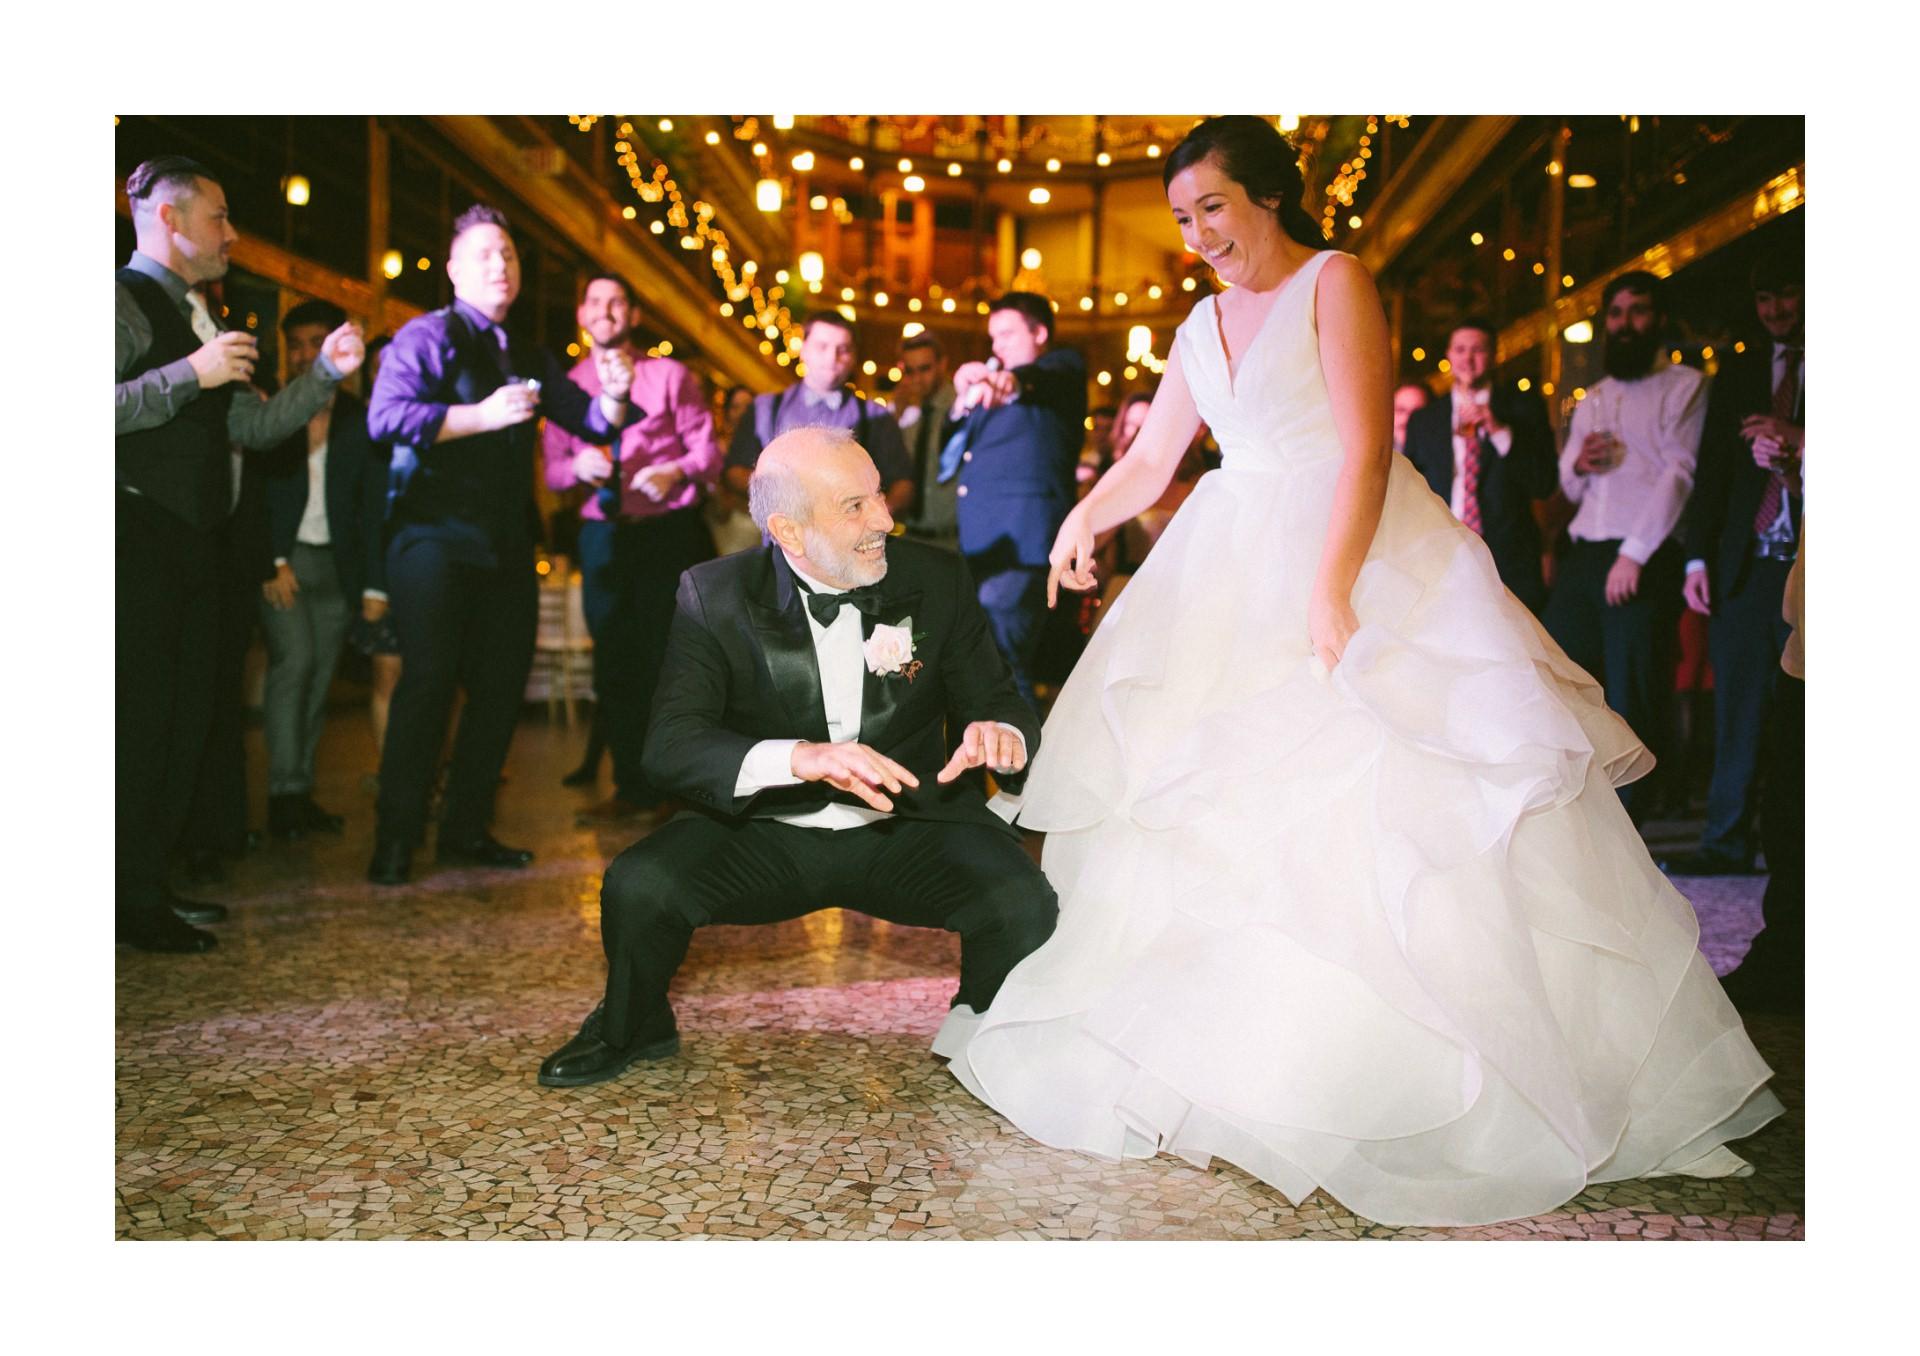 Hyatt Old Arcade Wedding Photographer in Cleveland 2 26.jpg